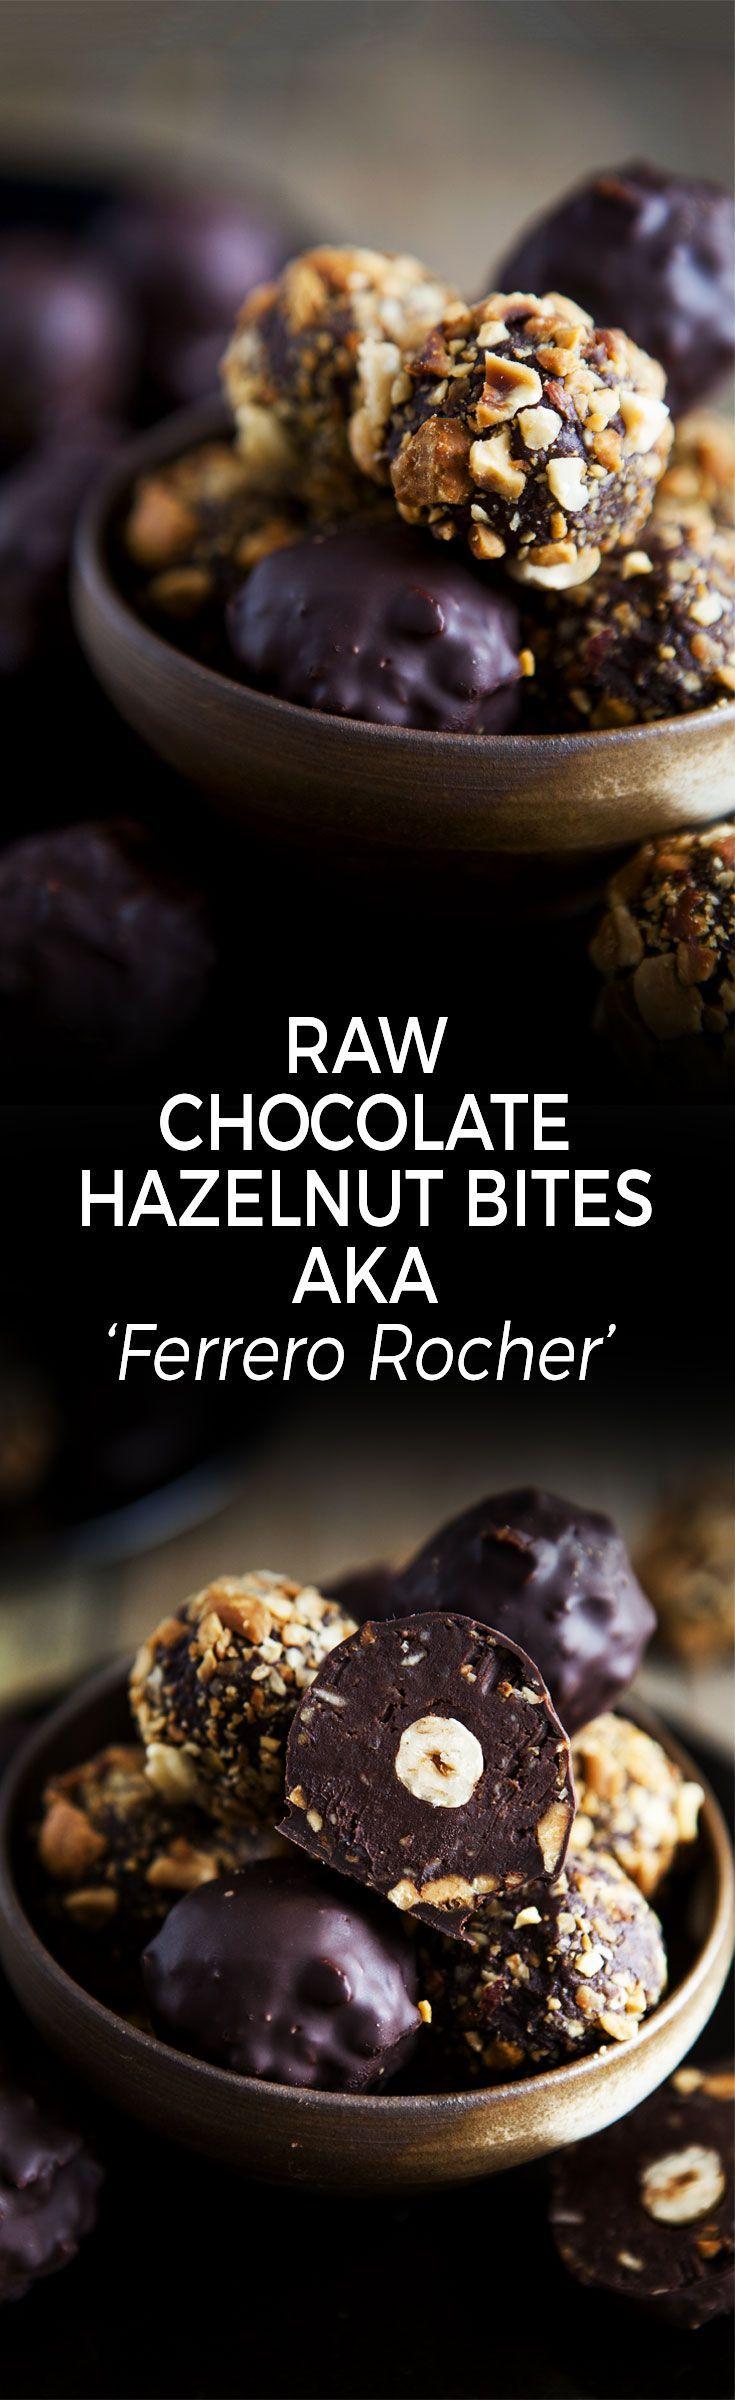 Raw Chocolate Hazelnut Bites aka 'Ferrero Rocher' by Goodness is Gorgeous / Vegan, gluten-free, dairy-free